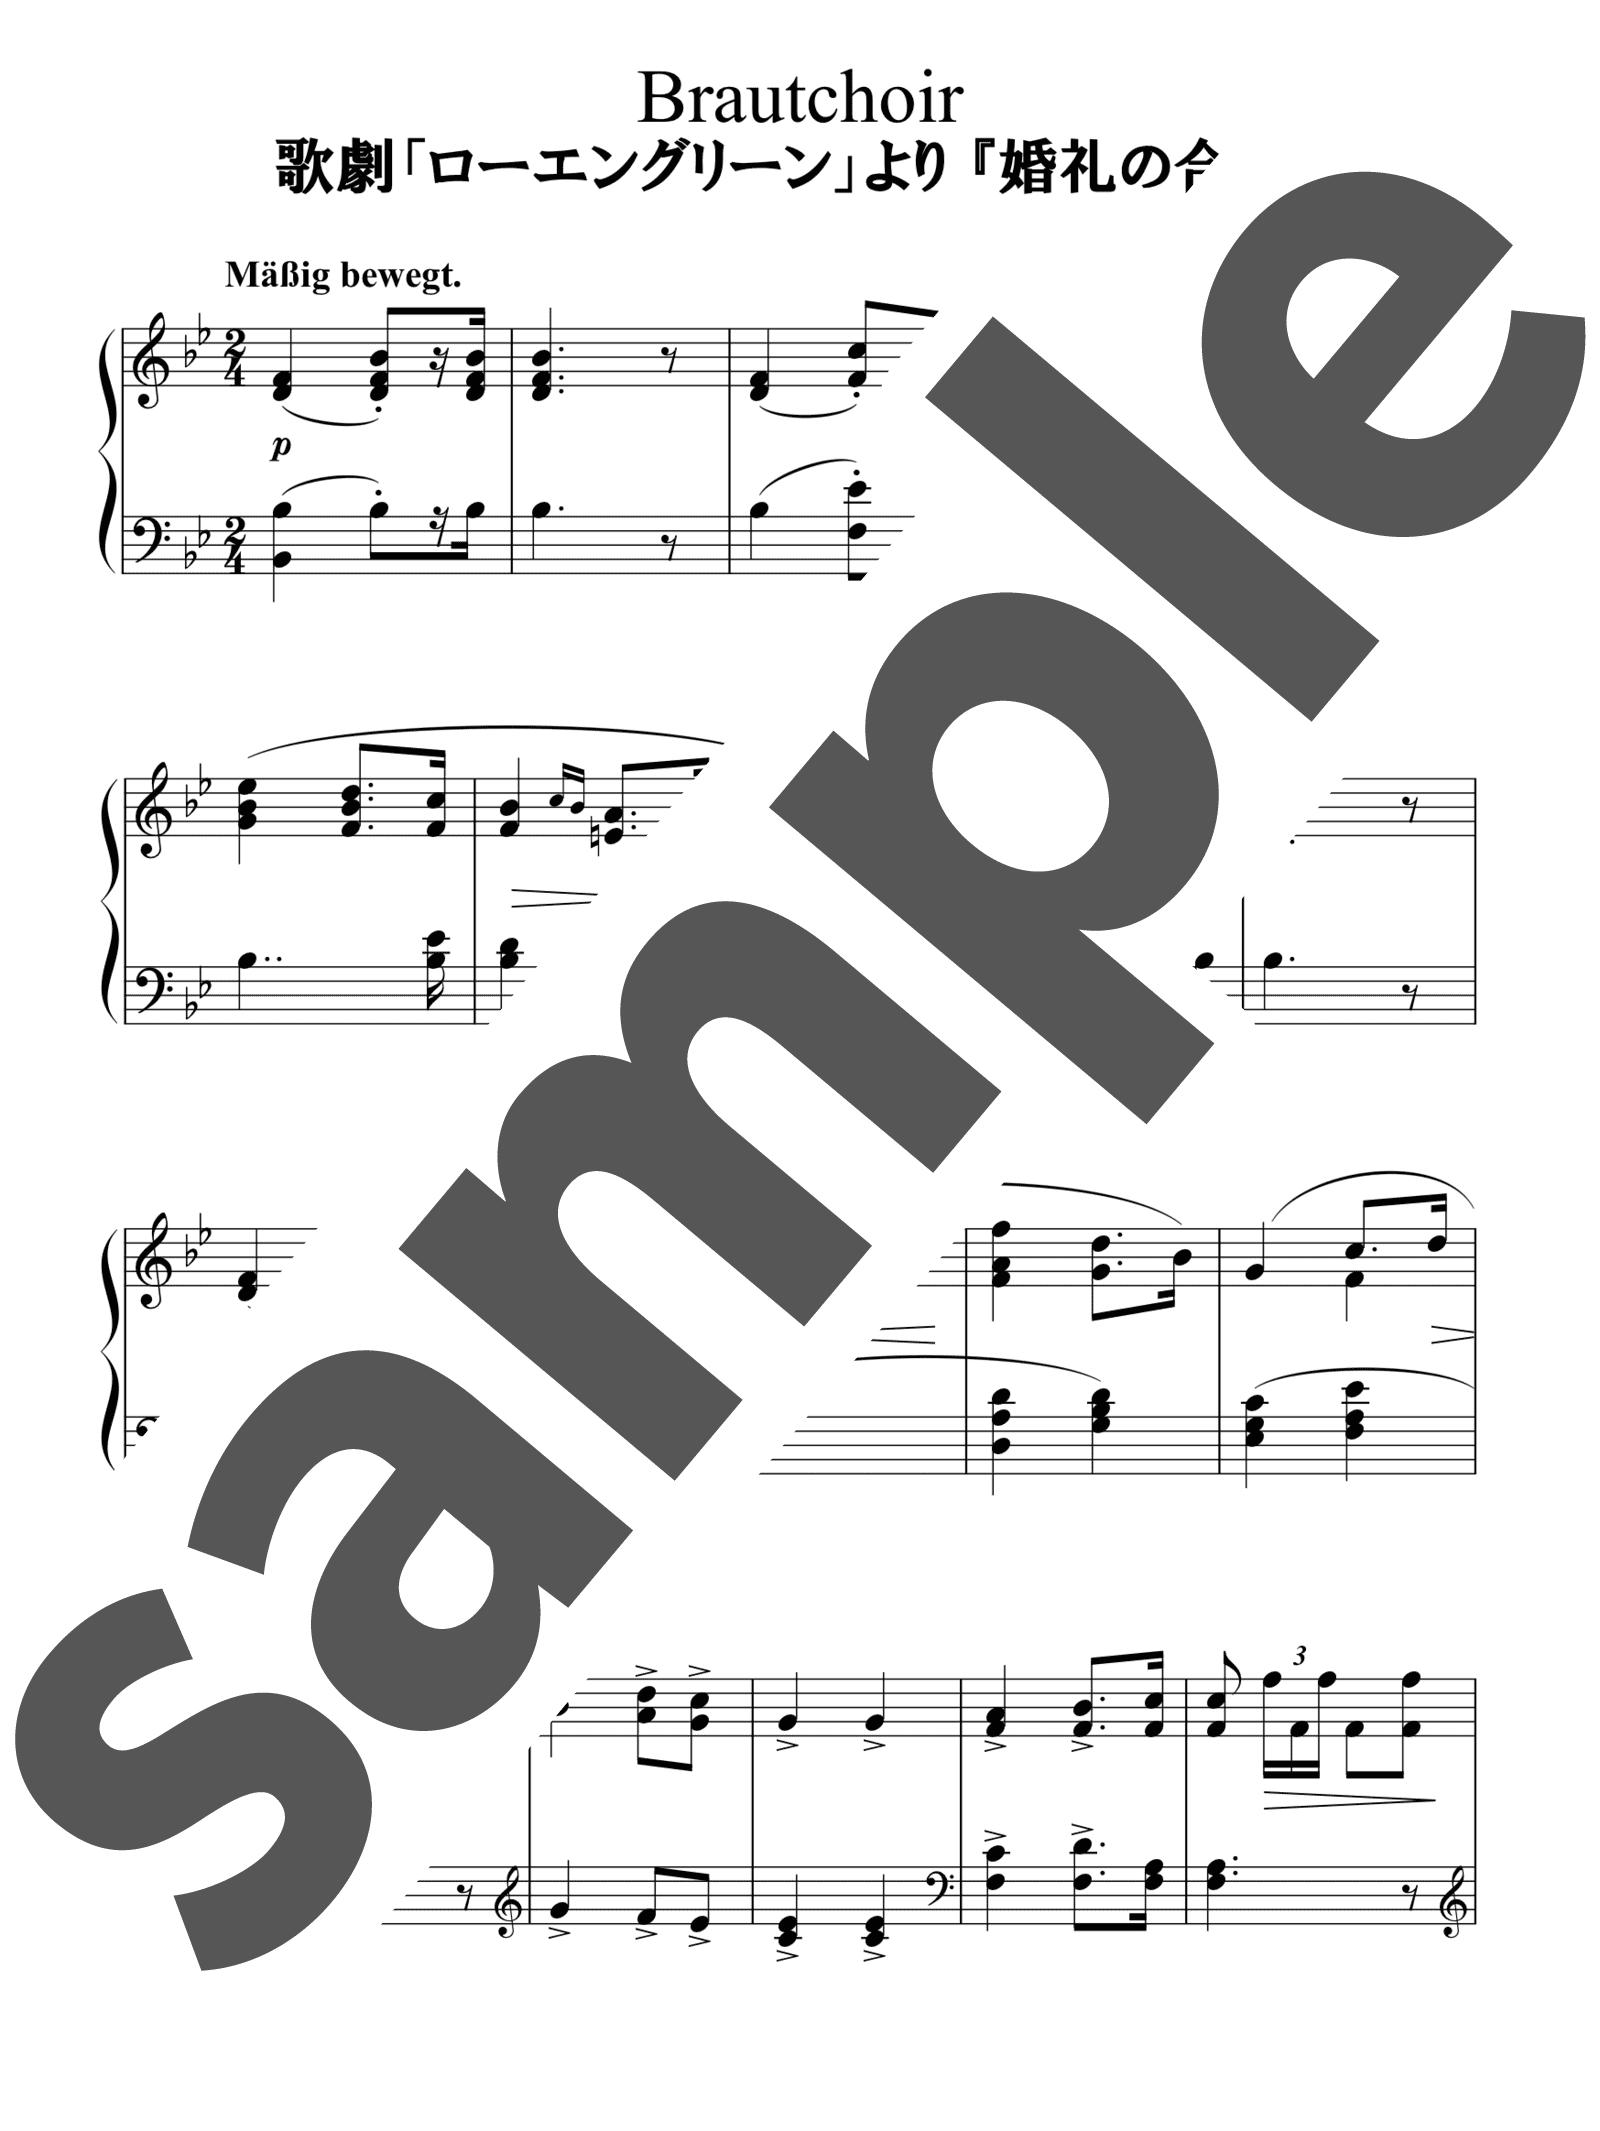 「歌劇「ローエングリン」より婚礼の合唱」のサンプル楽譜